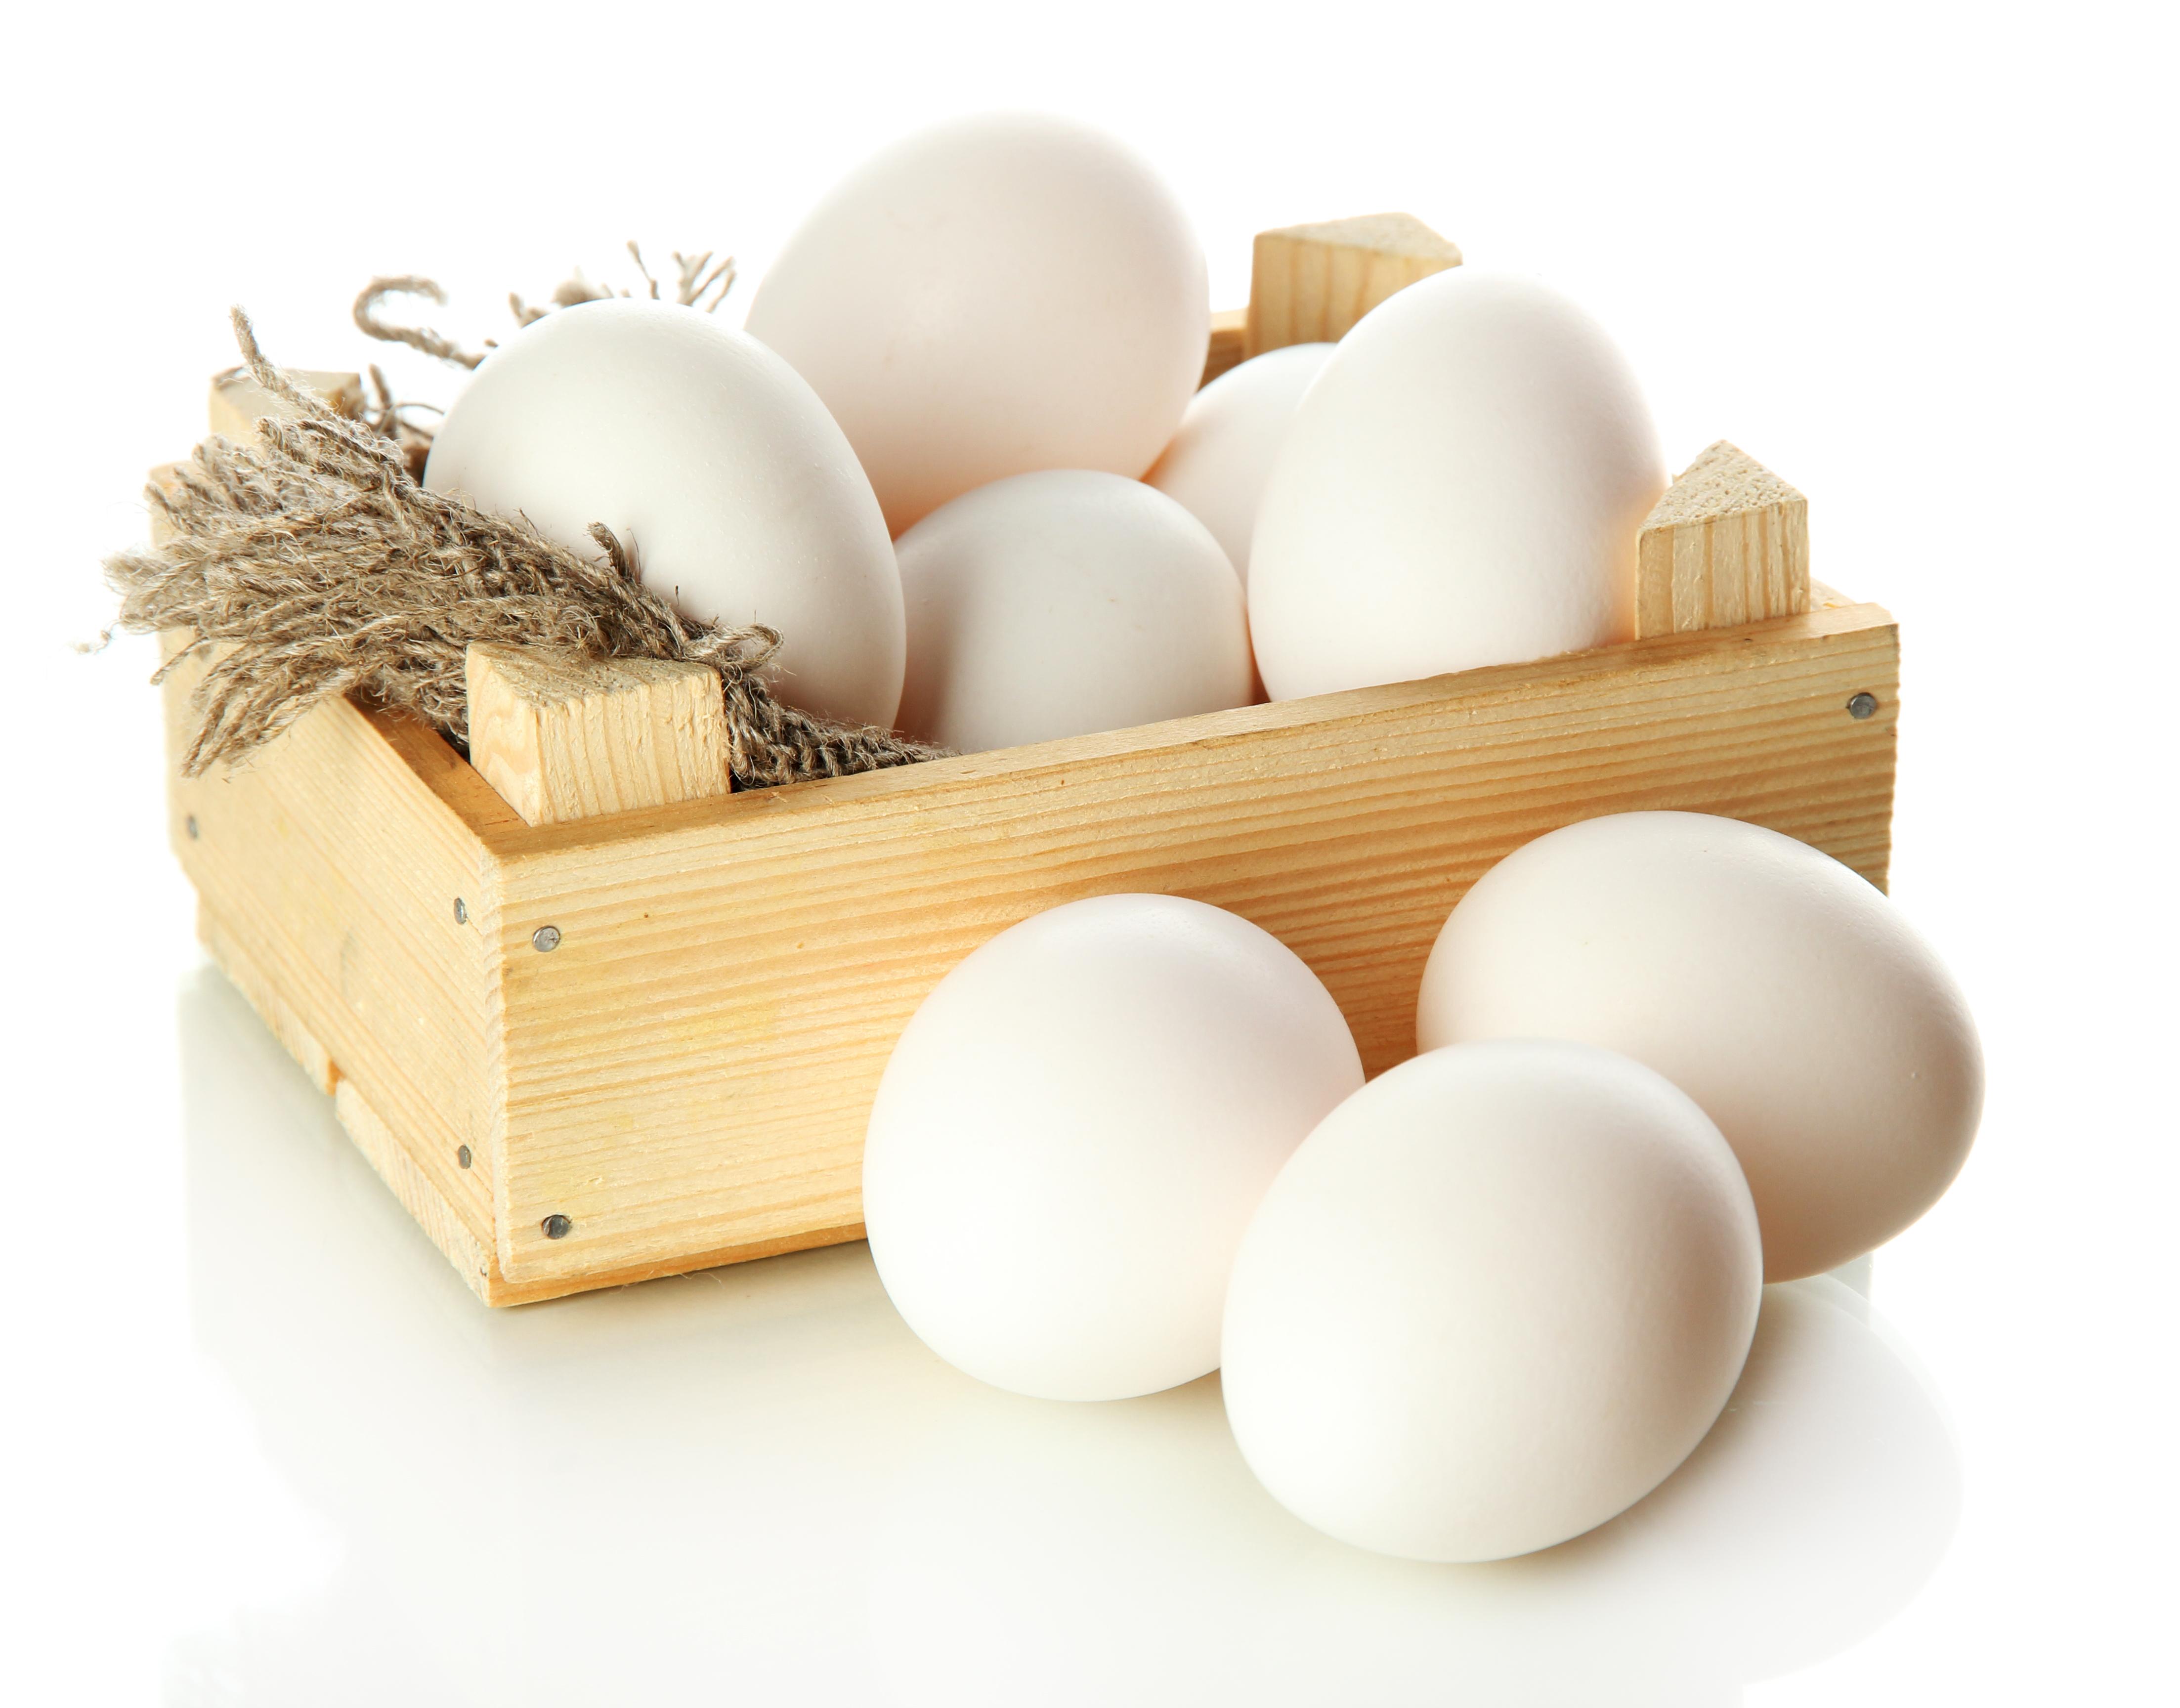 Eggs_Crate